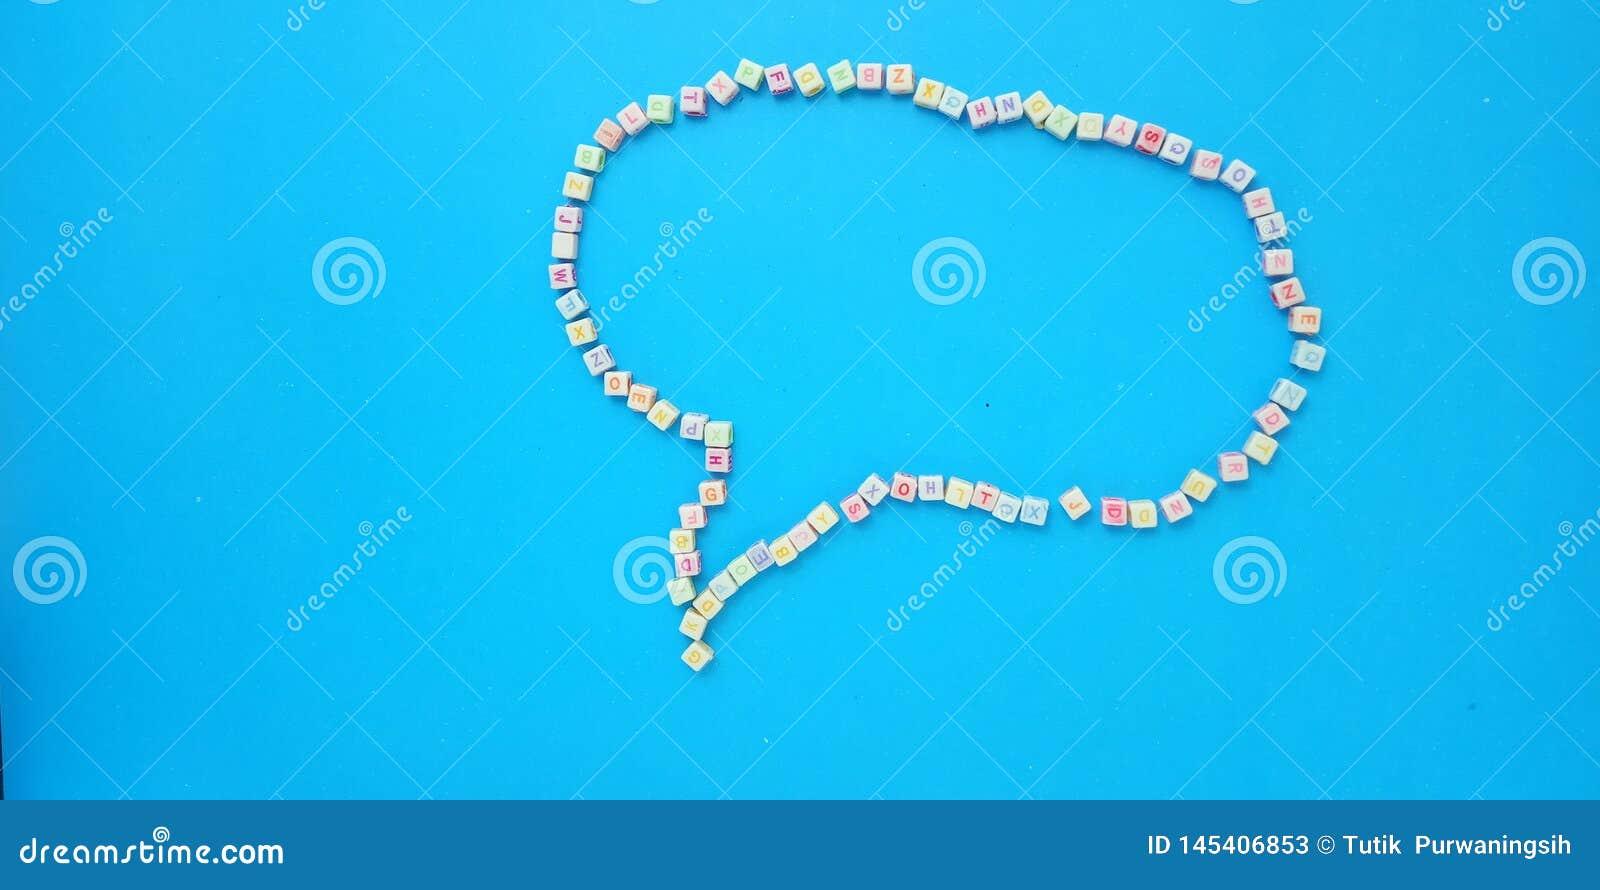 平的位置、蓝色背景和字母表塑料立方体小珠元素设计泡影聊天消息的,行情,信息文本形状